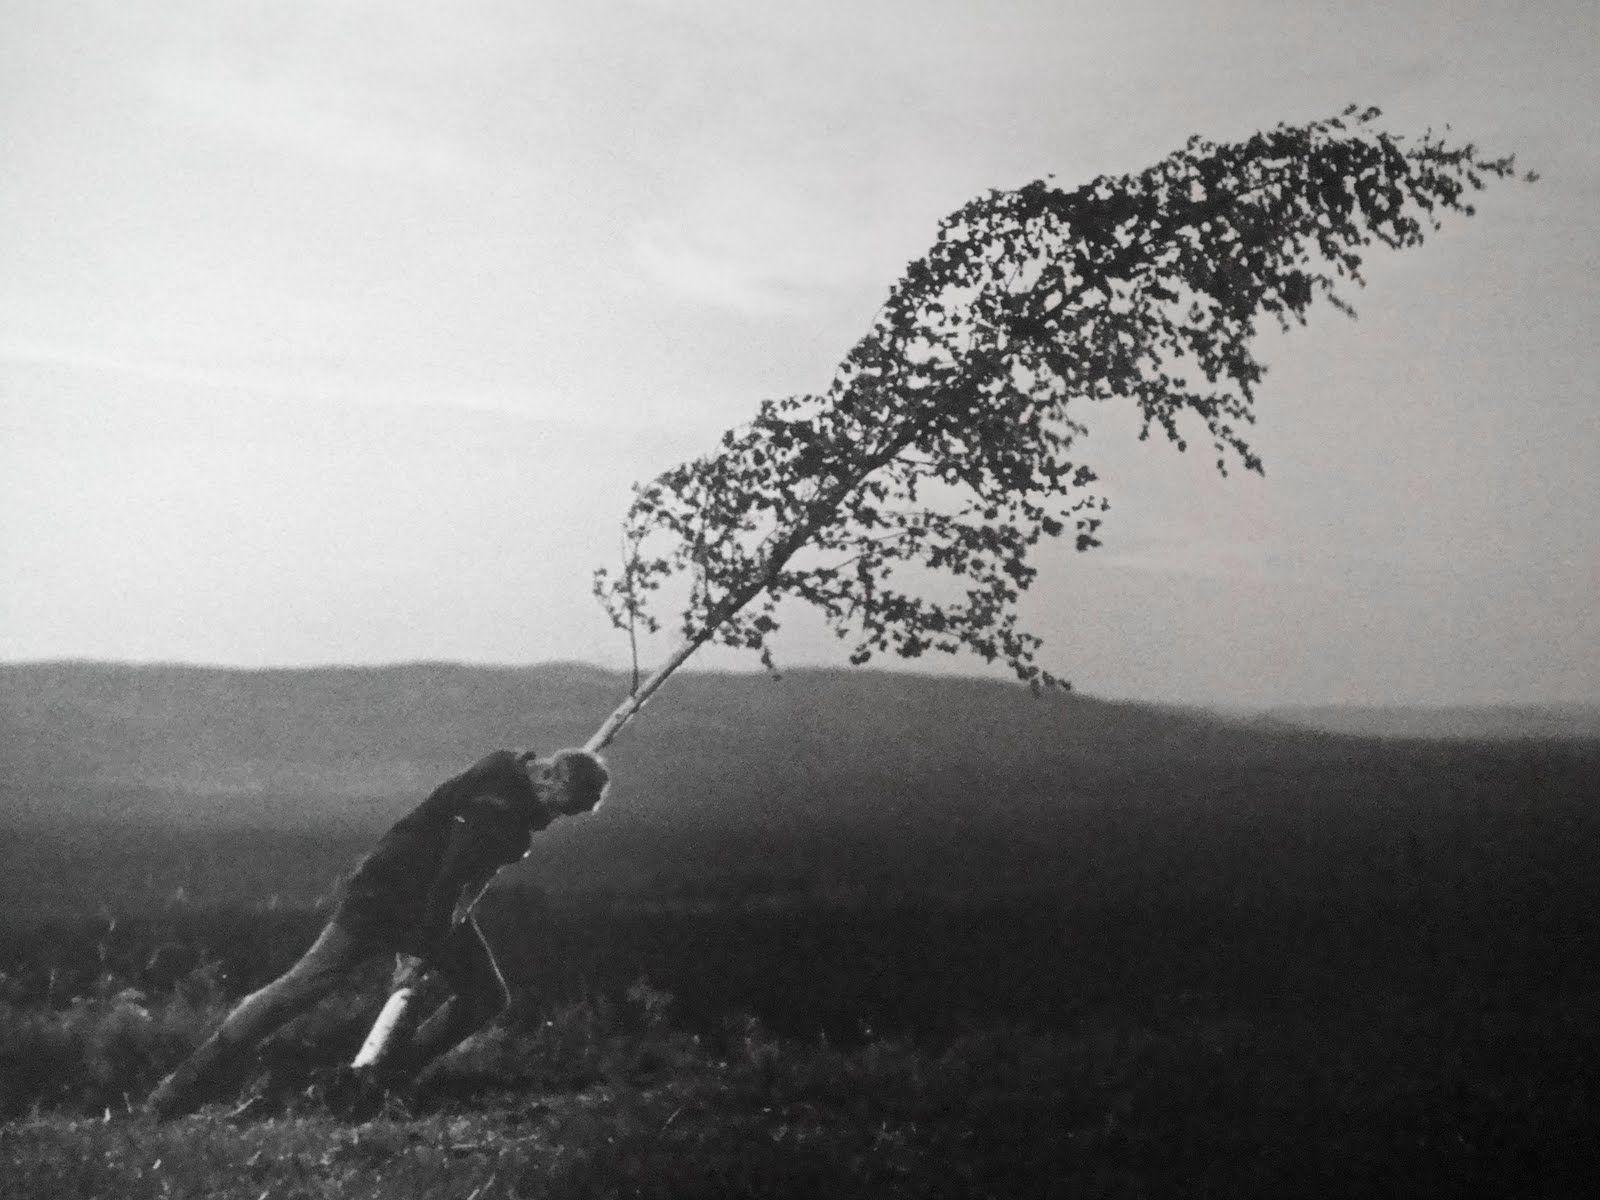 Fotograma de Jungfrukällan (El Manantial de la Doncella) de Ingmar Bergman. 1960